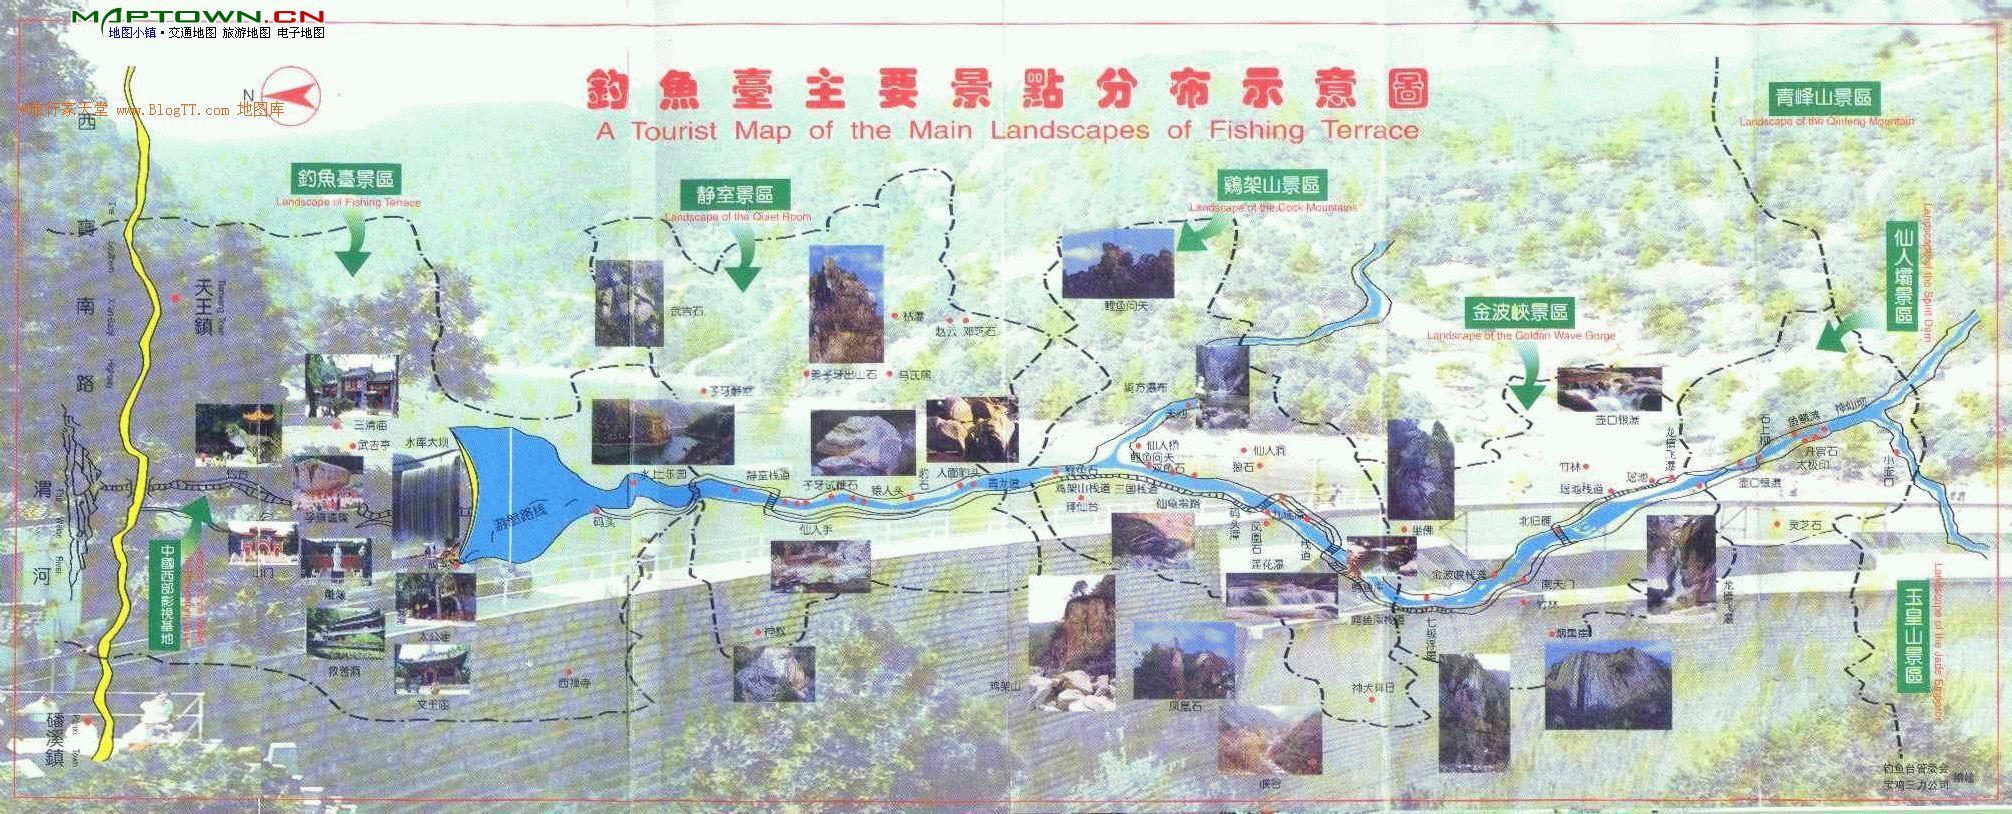 陝西省姜太公の釣り魚台観光ガイド地図